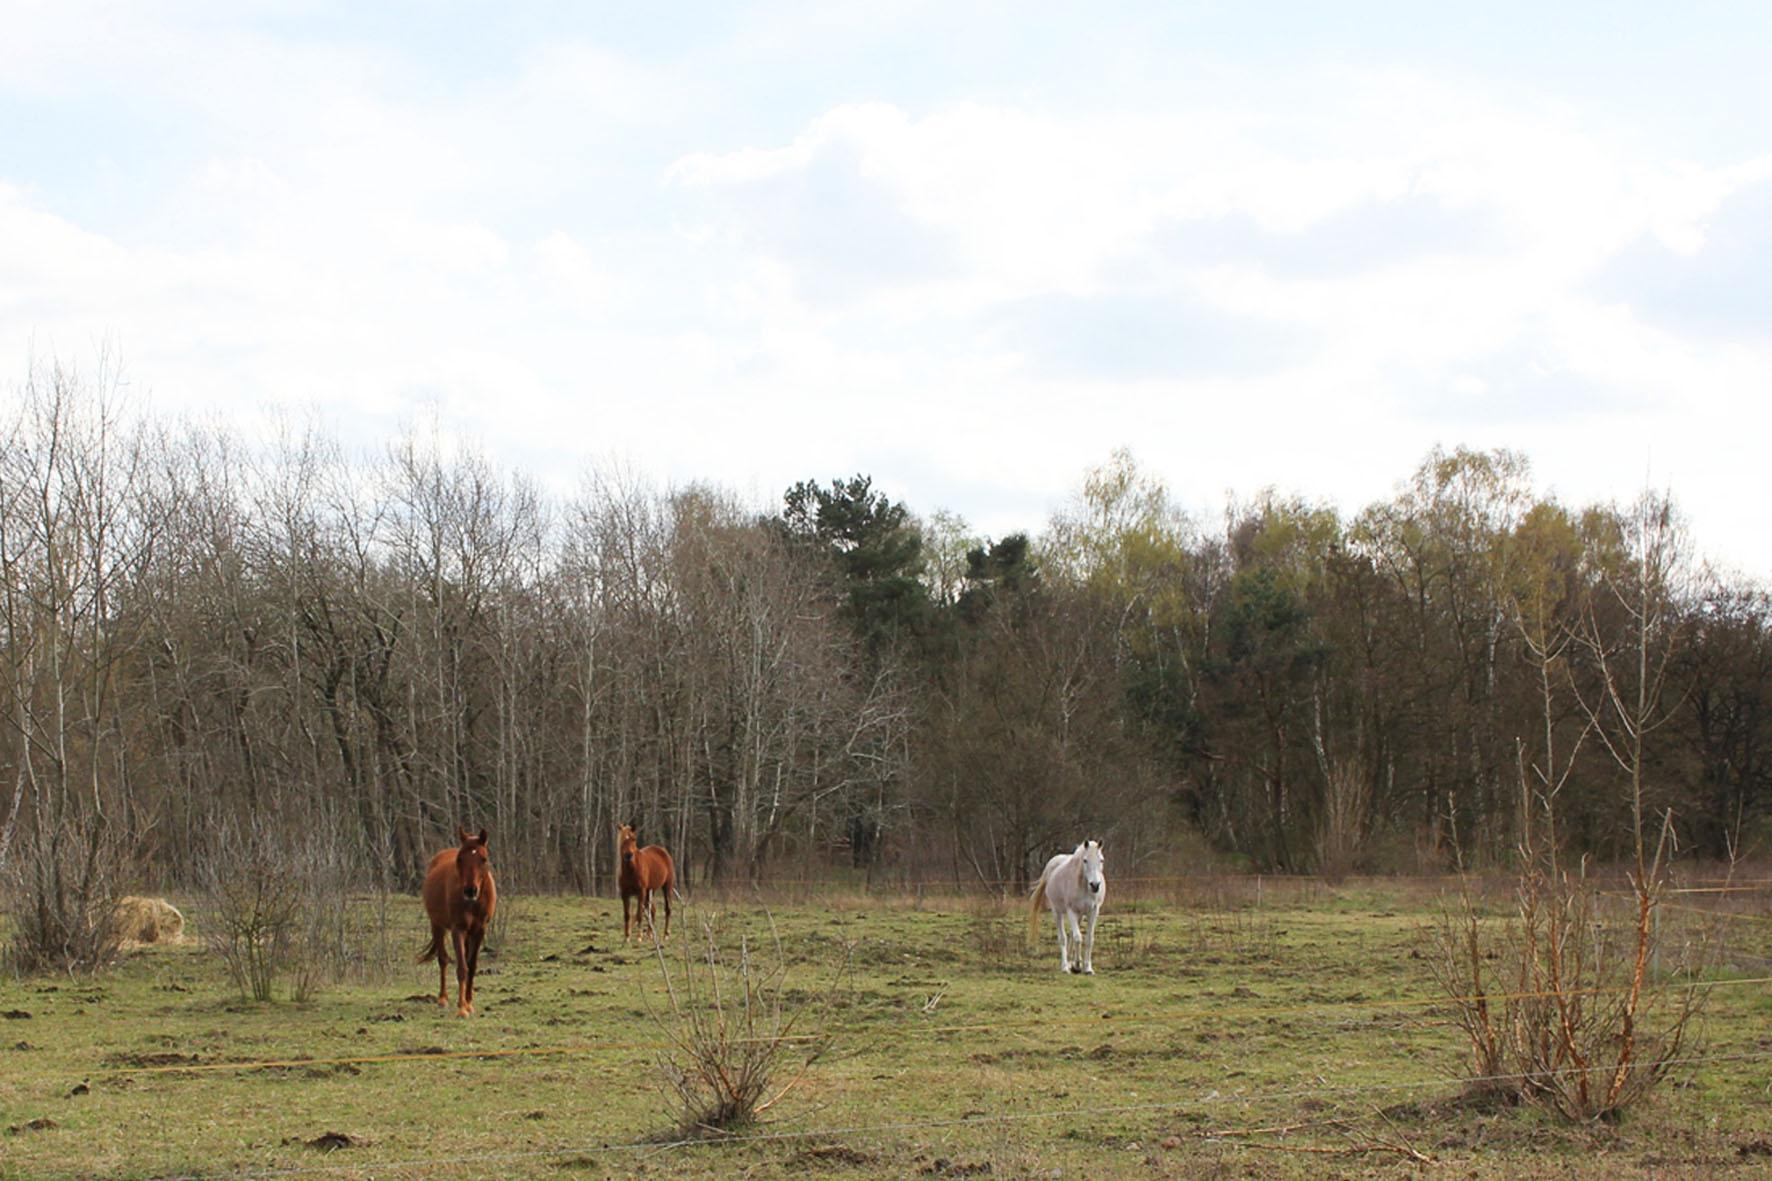 Pferde am Parks Range und Doughboy City - ein ehemaliger Truppenübungsplatz der US Army Berlin Brigade